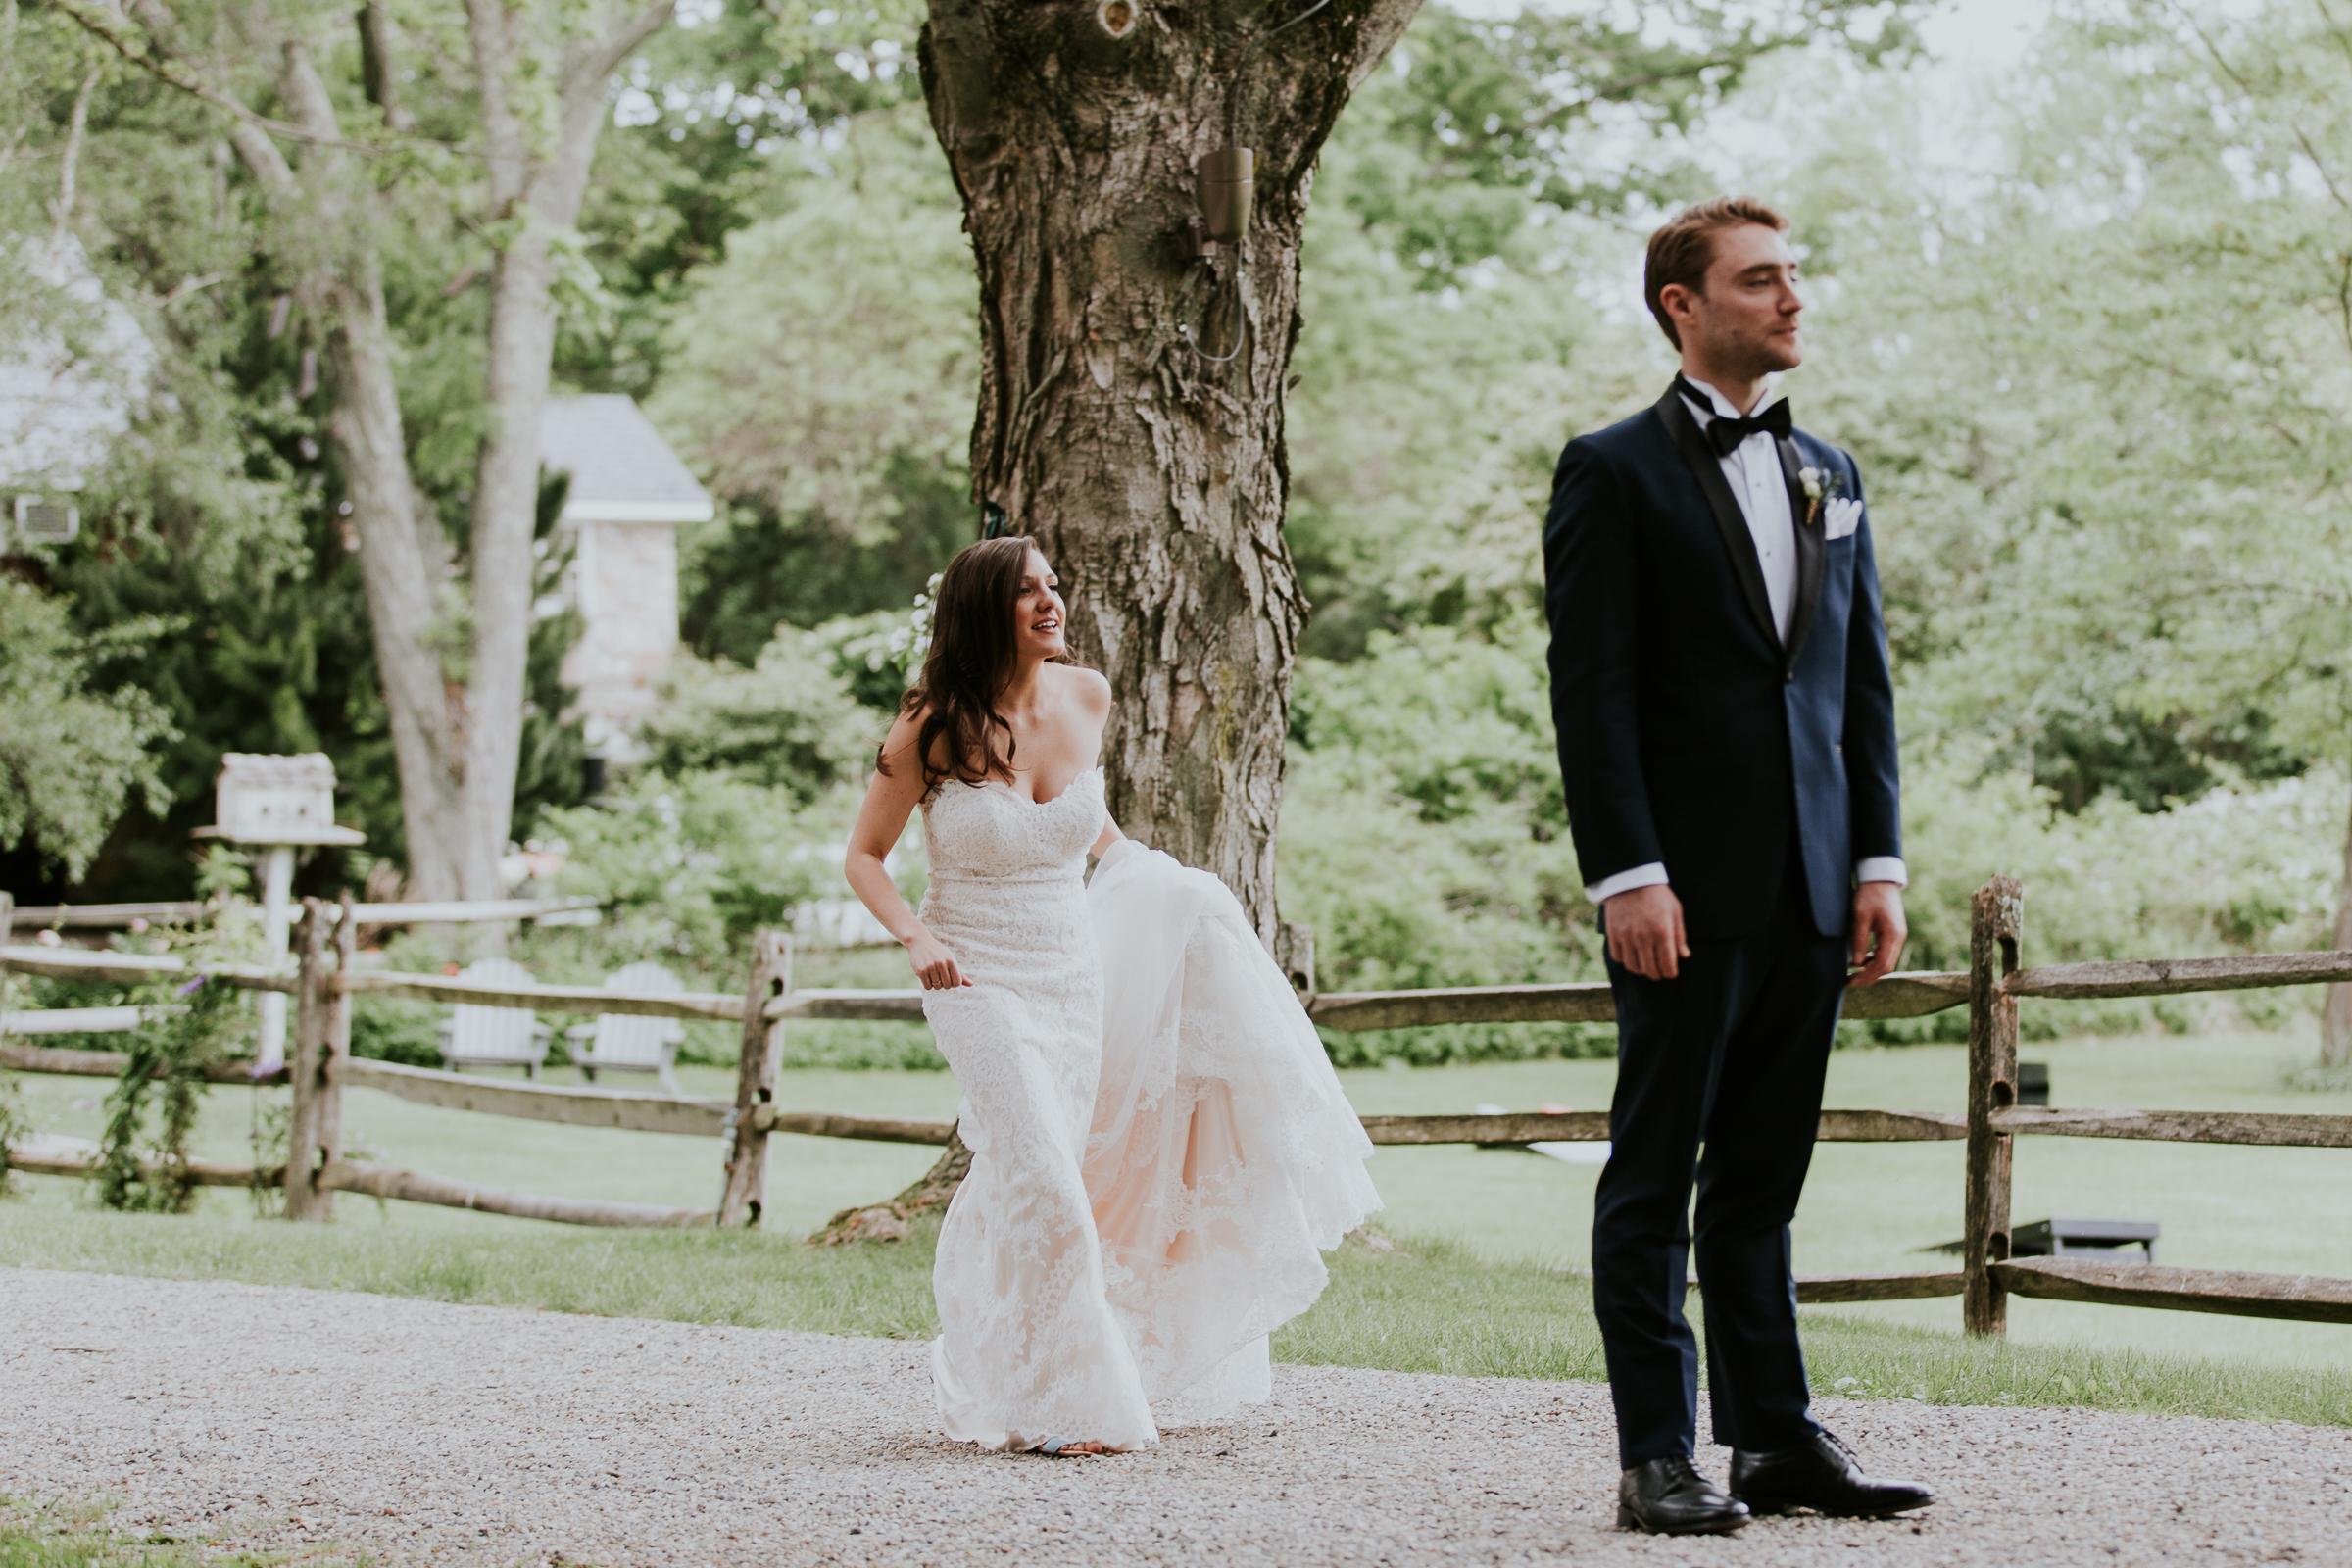 Crossed-Keys-Estate-Andover-NJ-Fine-Art-Documentary-Wedding-Photographer-40.jpg